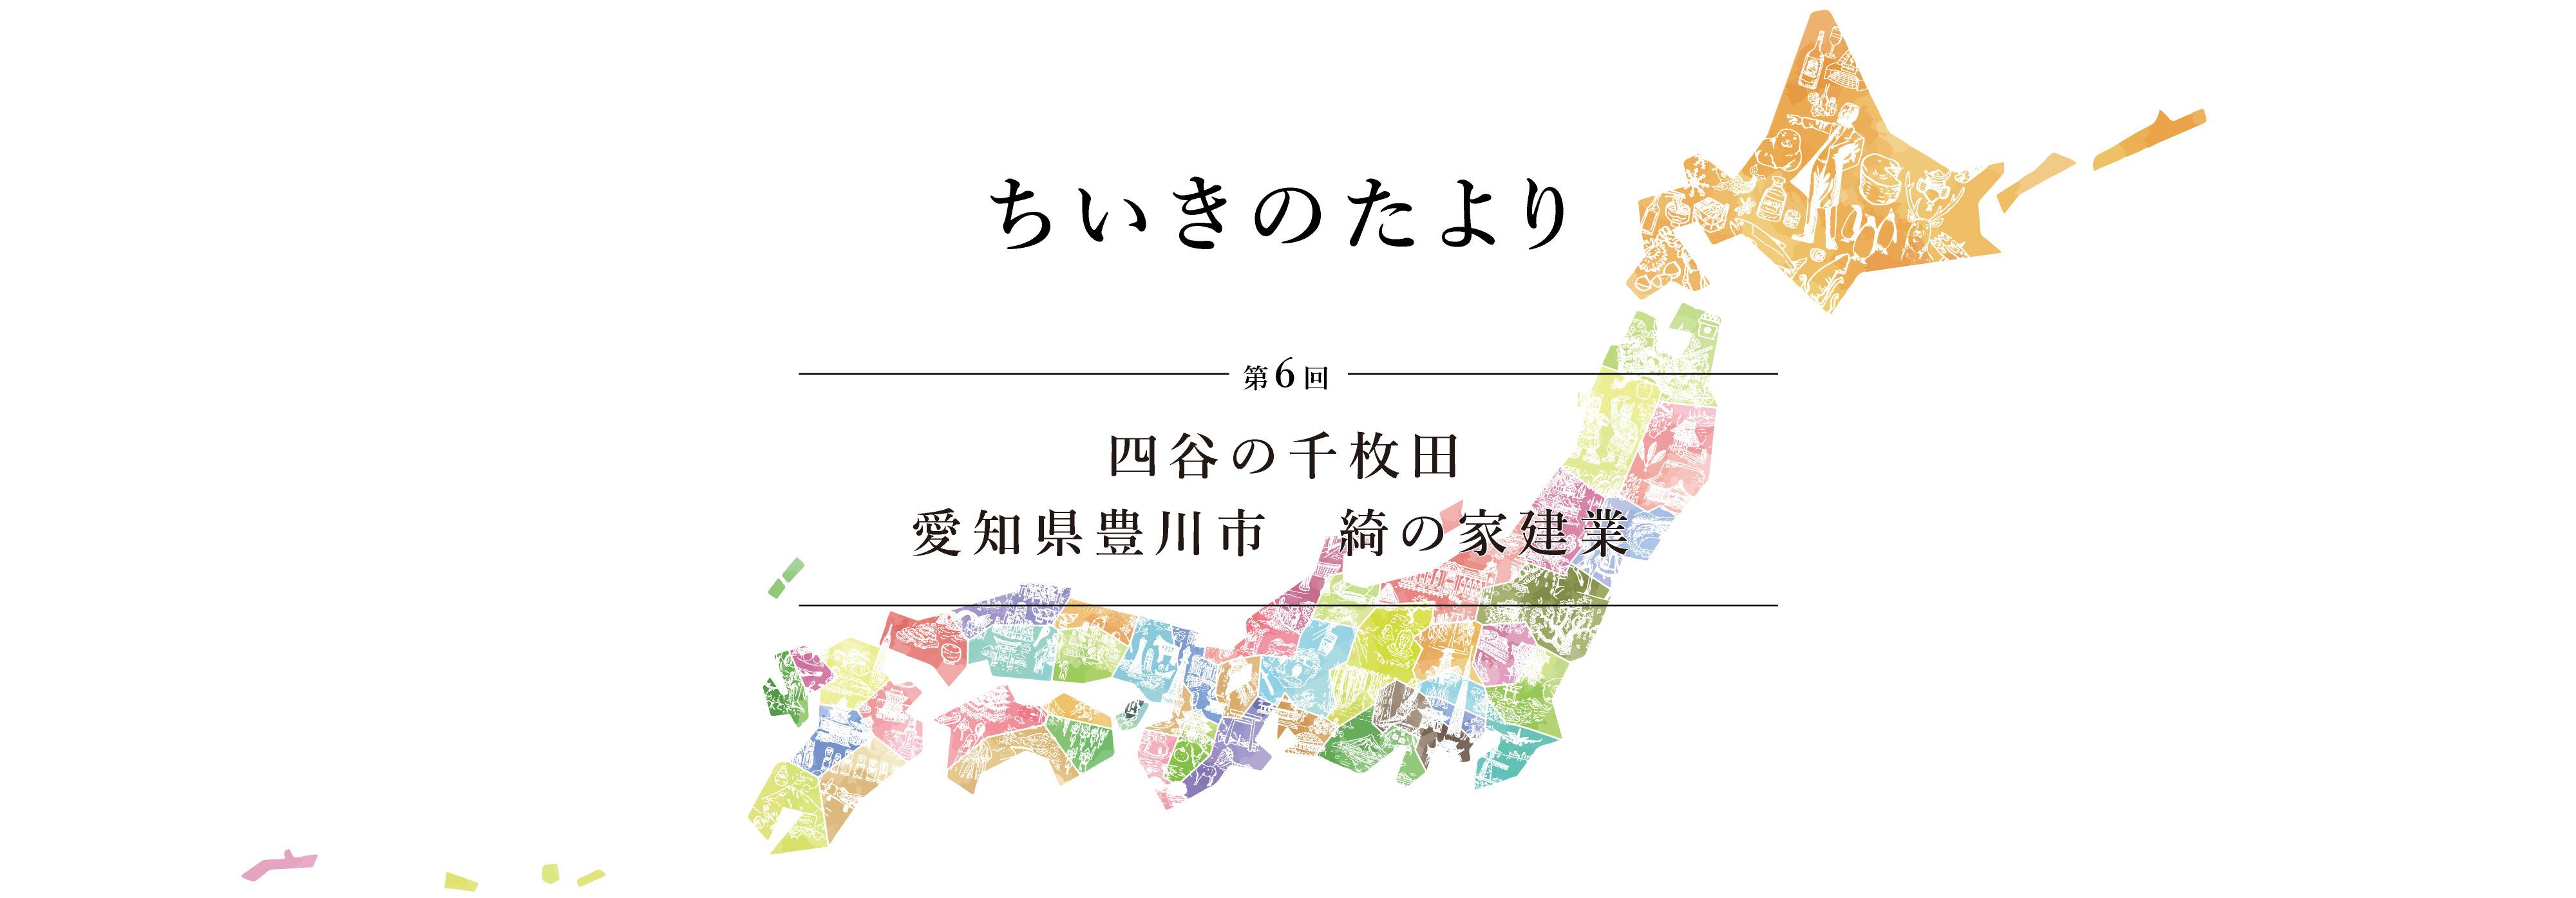 ちいきのたより四谷の千枚田 愛知県豊川市 綺の家建業